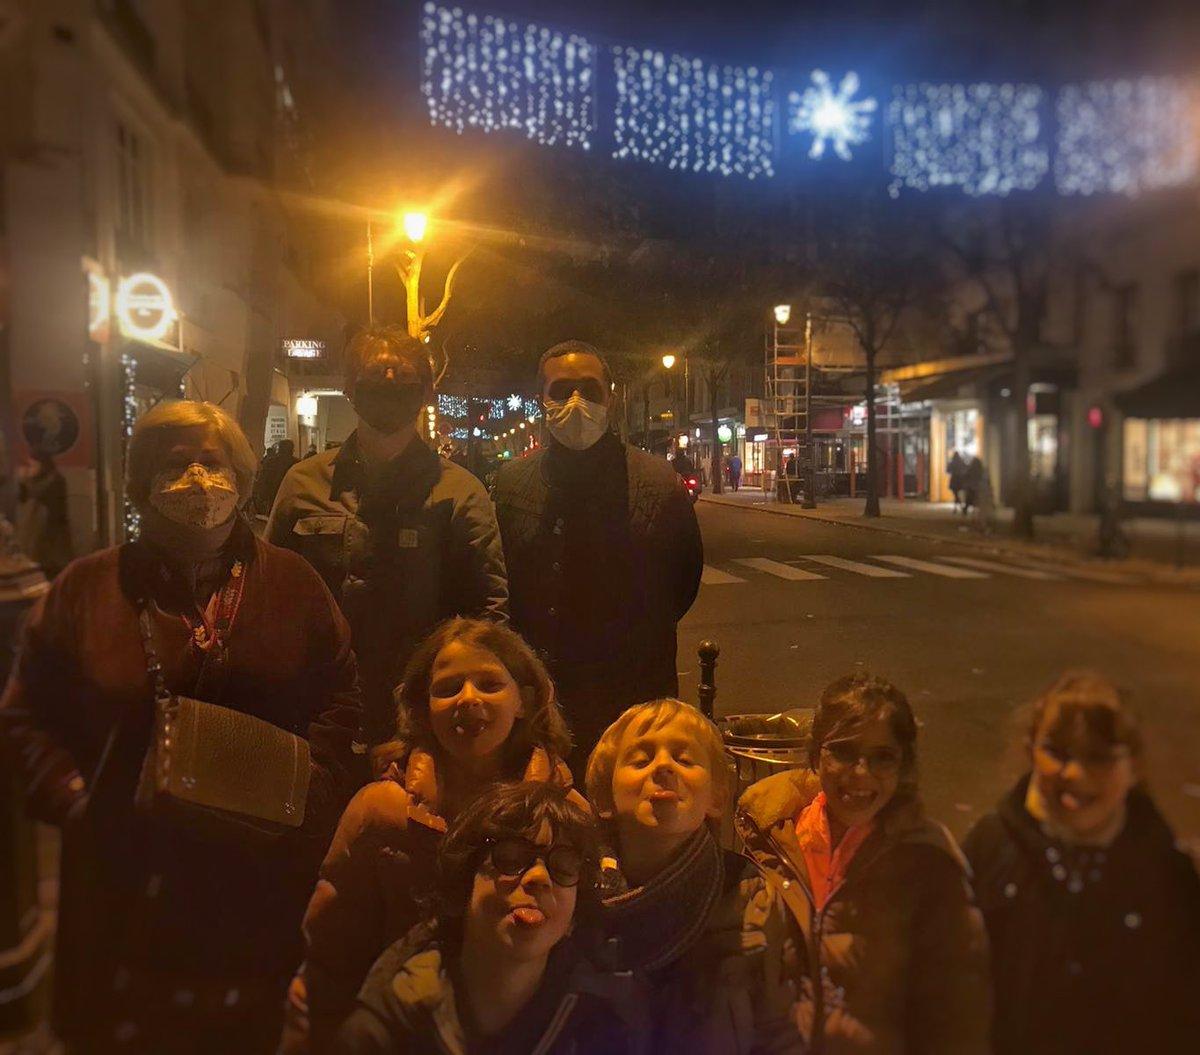 💡À #ParisCentre, inauguration des illuminations de Noël à l'initiative des commerçants de la rue de Bretagne et du Marché des Enfants-Rouges !  🙏 Merci à l'association pour cette magnifique mise en lumière et sa mobilisation malgré le contexte difficile.